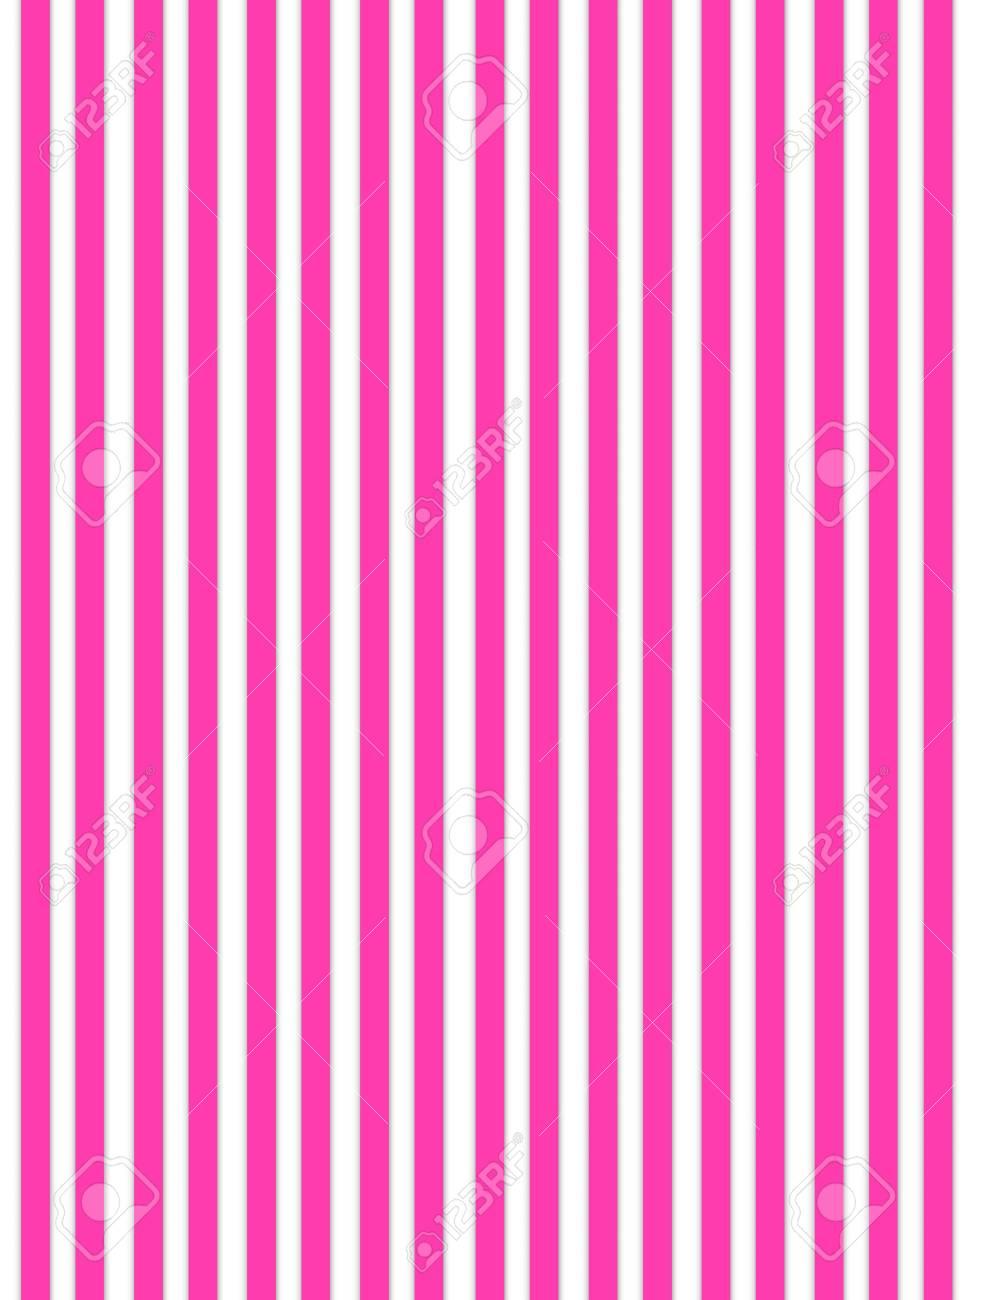 Immagini Stock Immagine Di Sfondo è Pieno Di Righe Di Colore Rosa